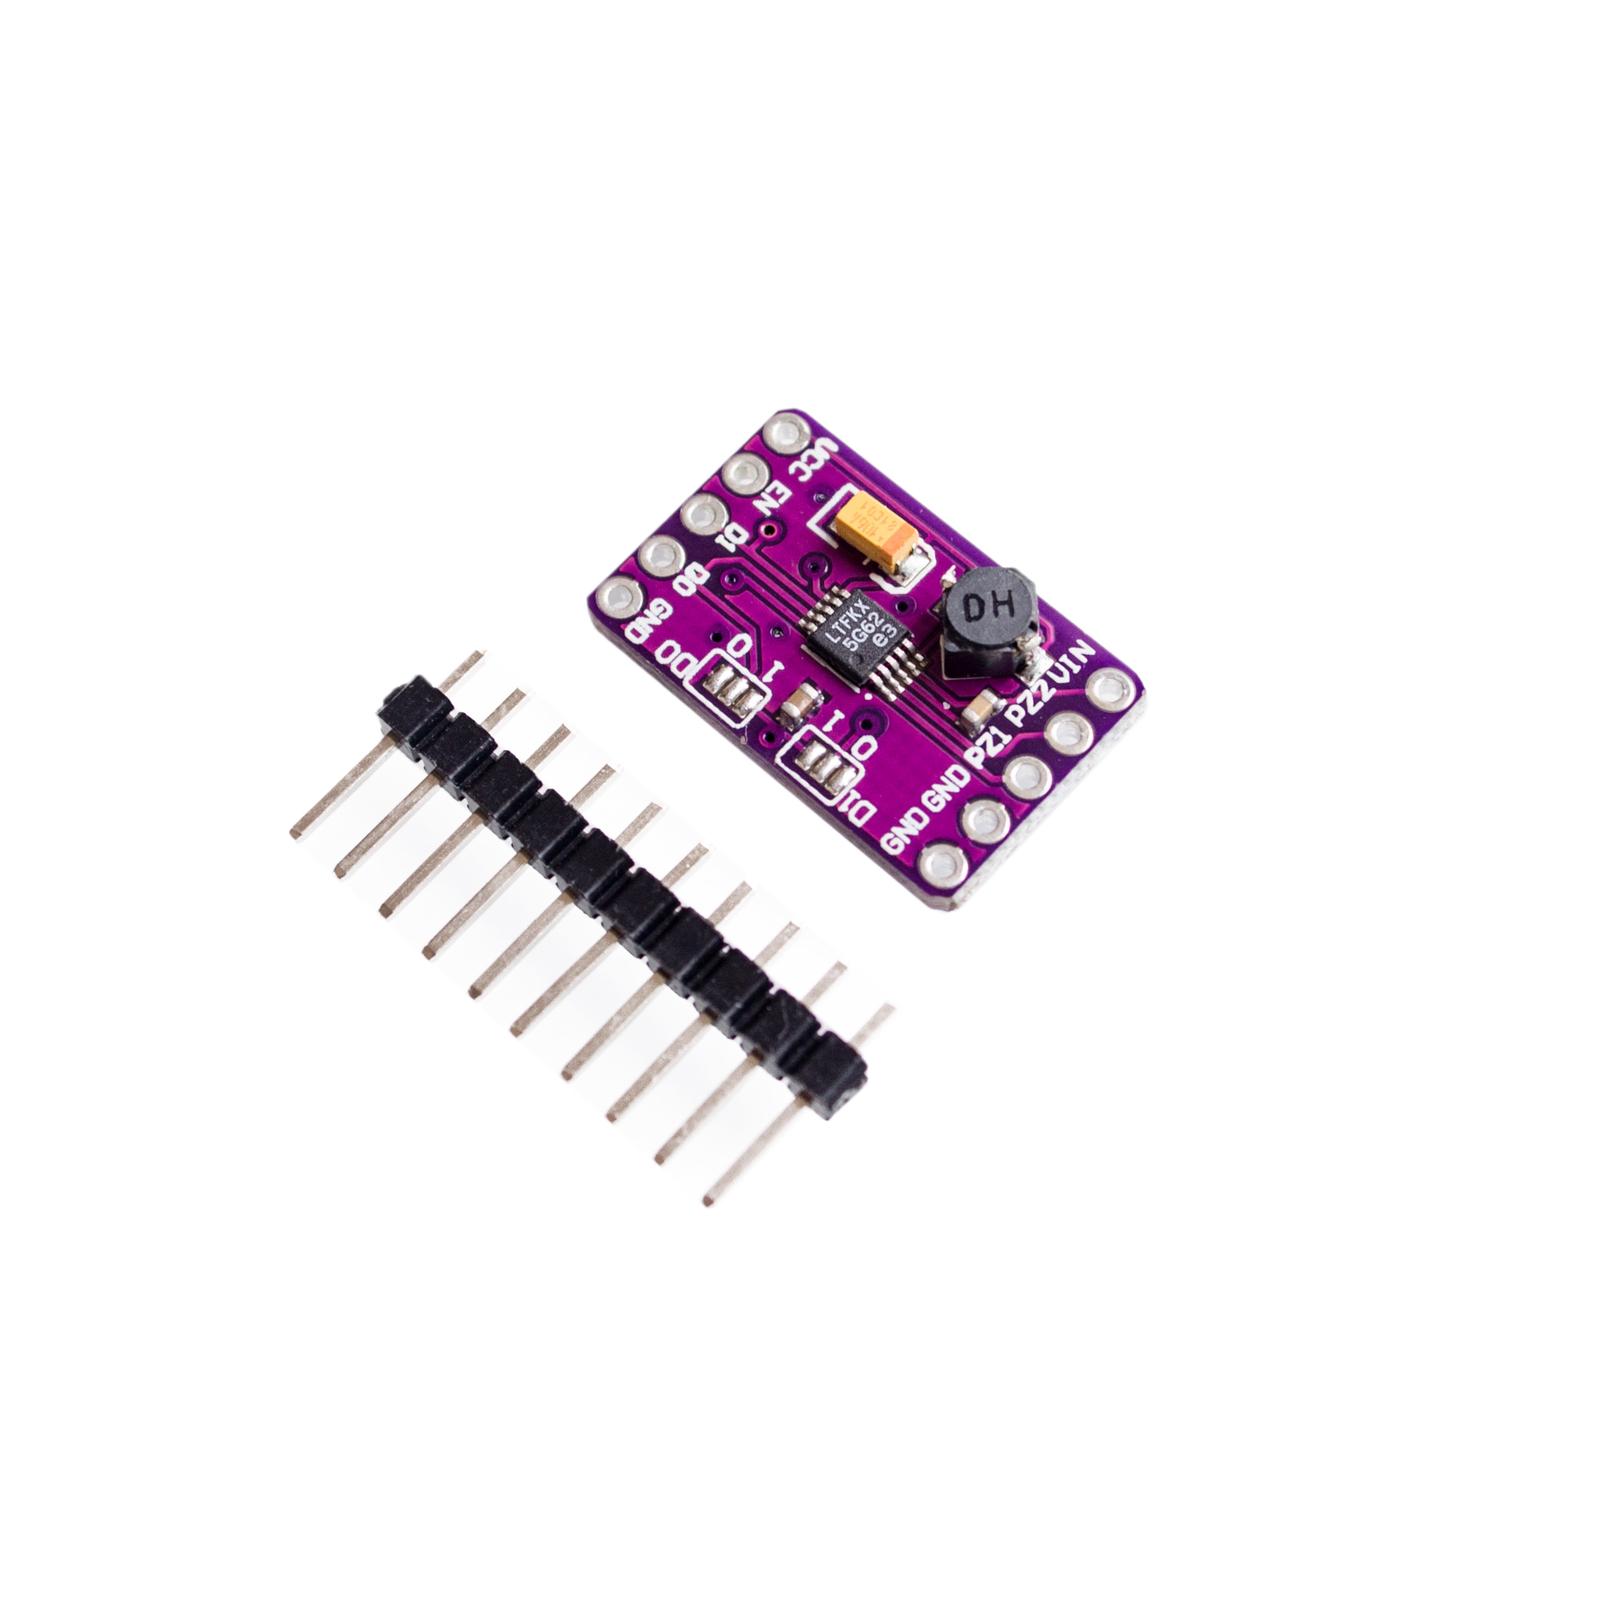 ! LTC-3588 Energy Harvester Breakout - LTC3588-1 module